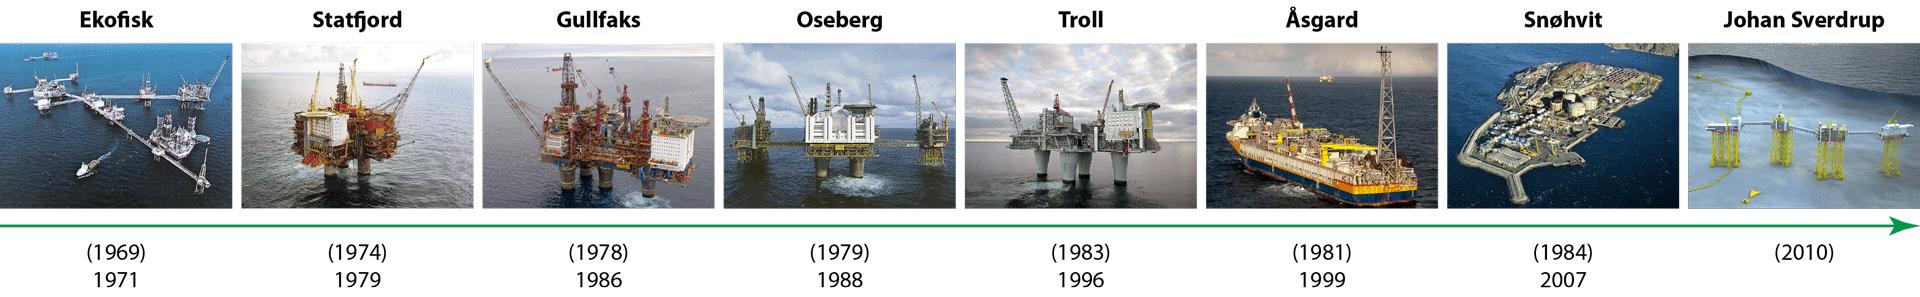 Produksjonsstart (og funnår) for store og viktige felt på norsk sokkel